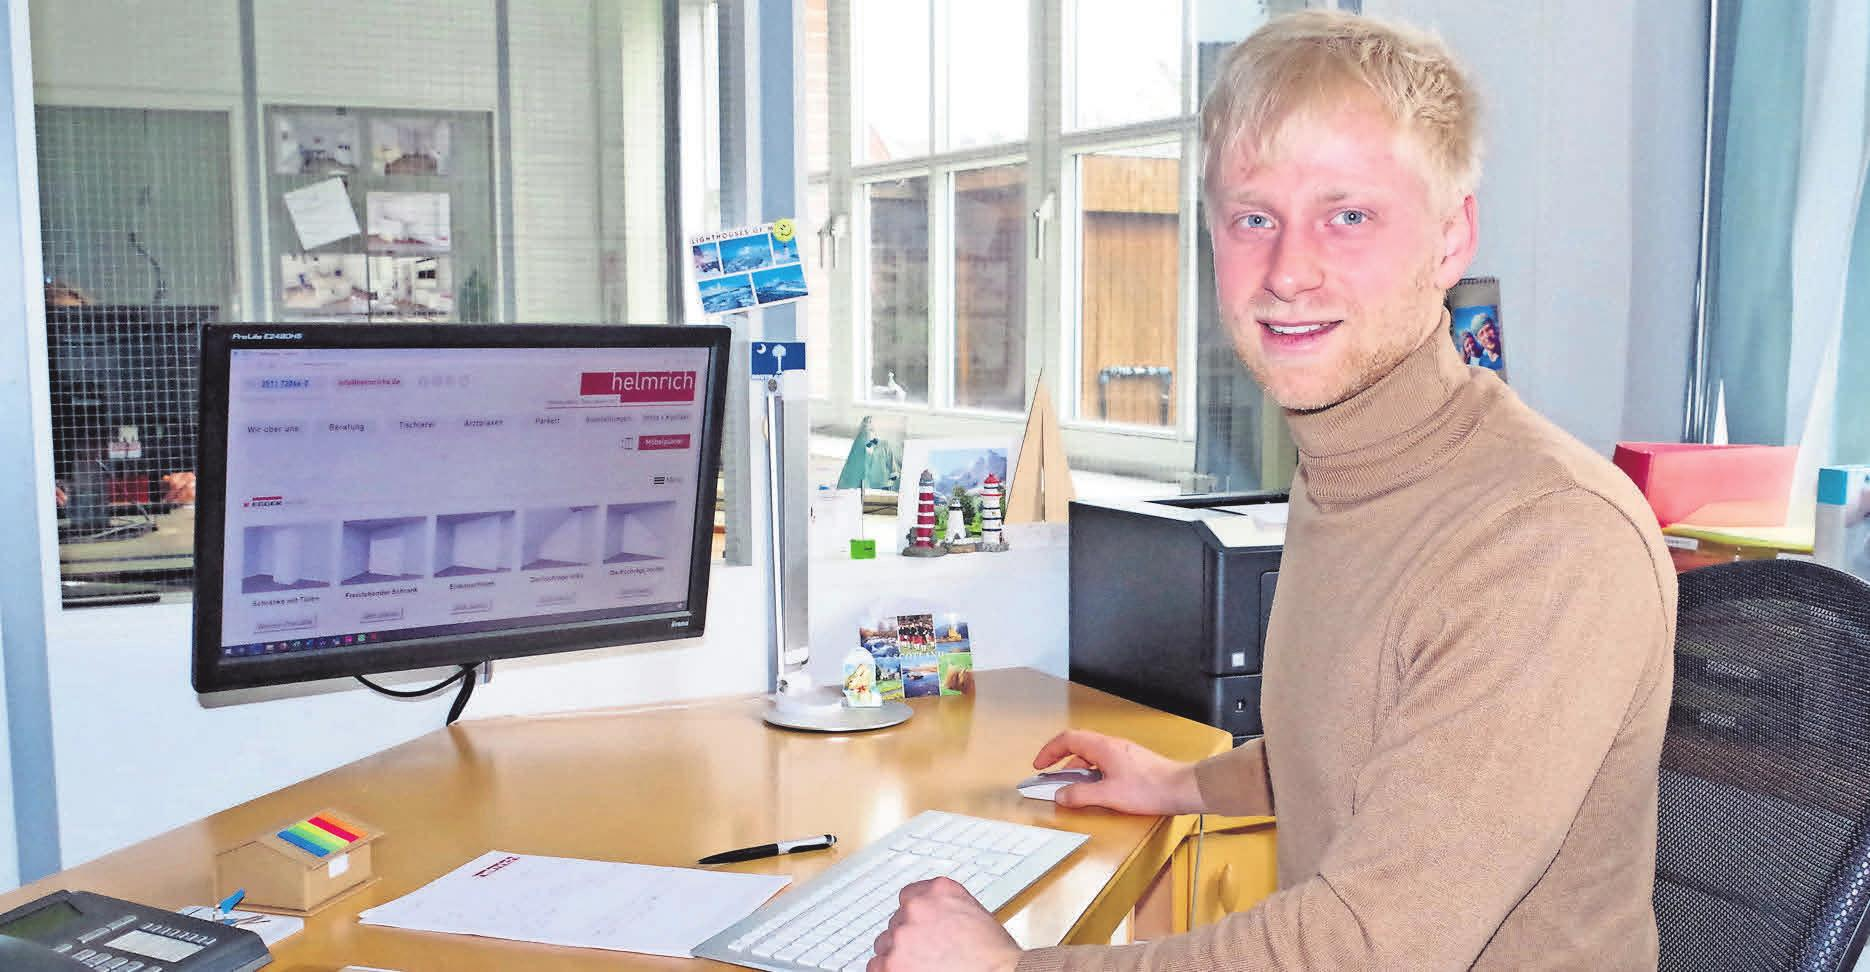 Richard Helmrich demonstriert, wie der Online-Möbelplaner auf der Helmrich-Homepage funktioniert.